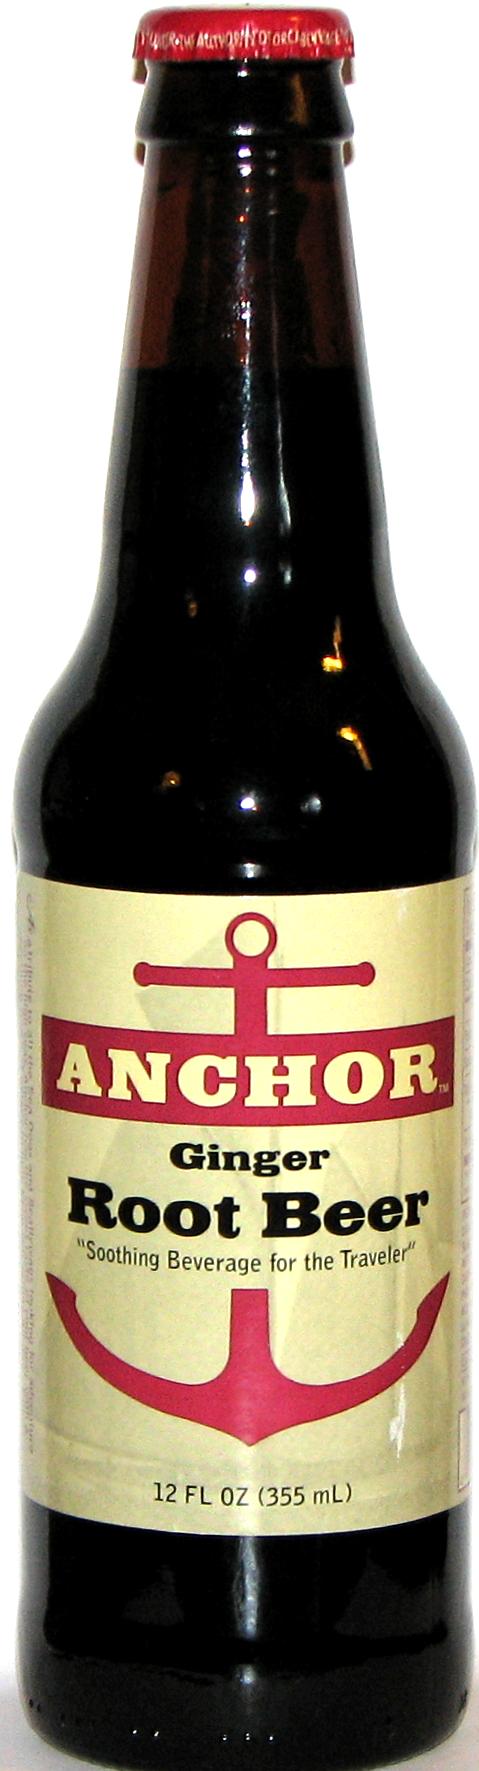 Anchor Ginger Root Beer bottle. Bottled by Orca Beverage